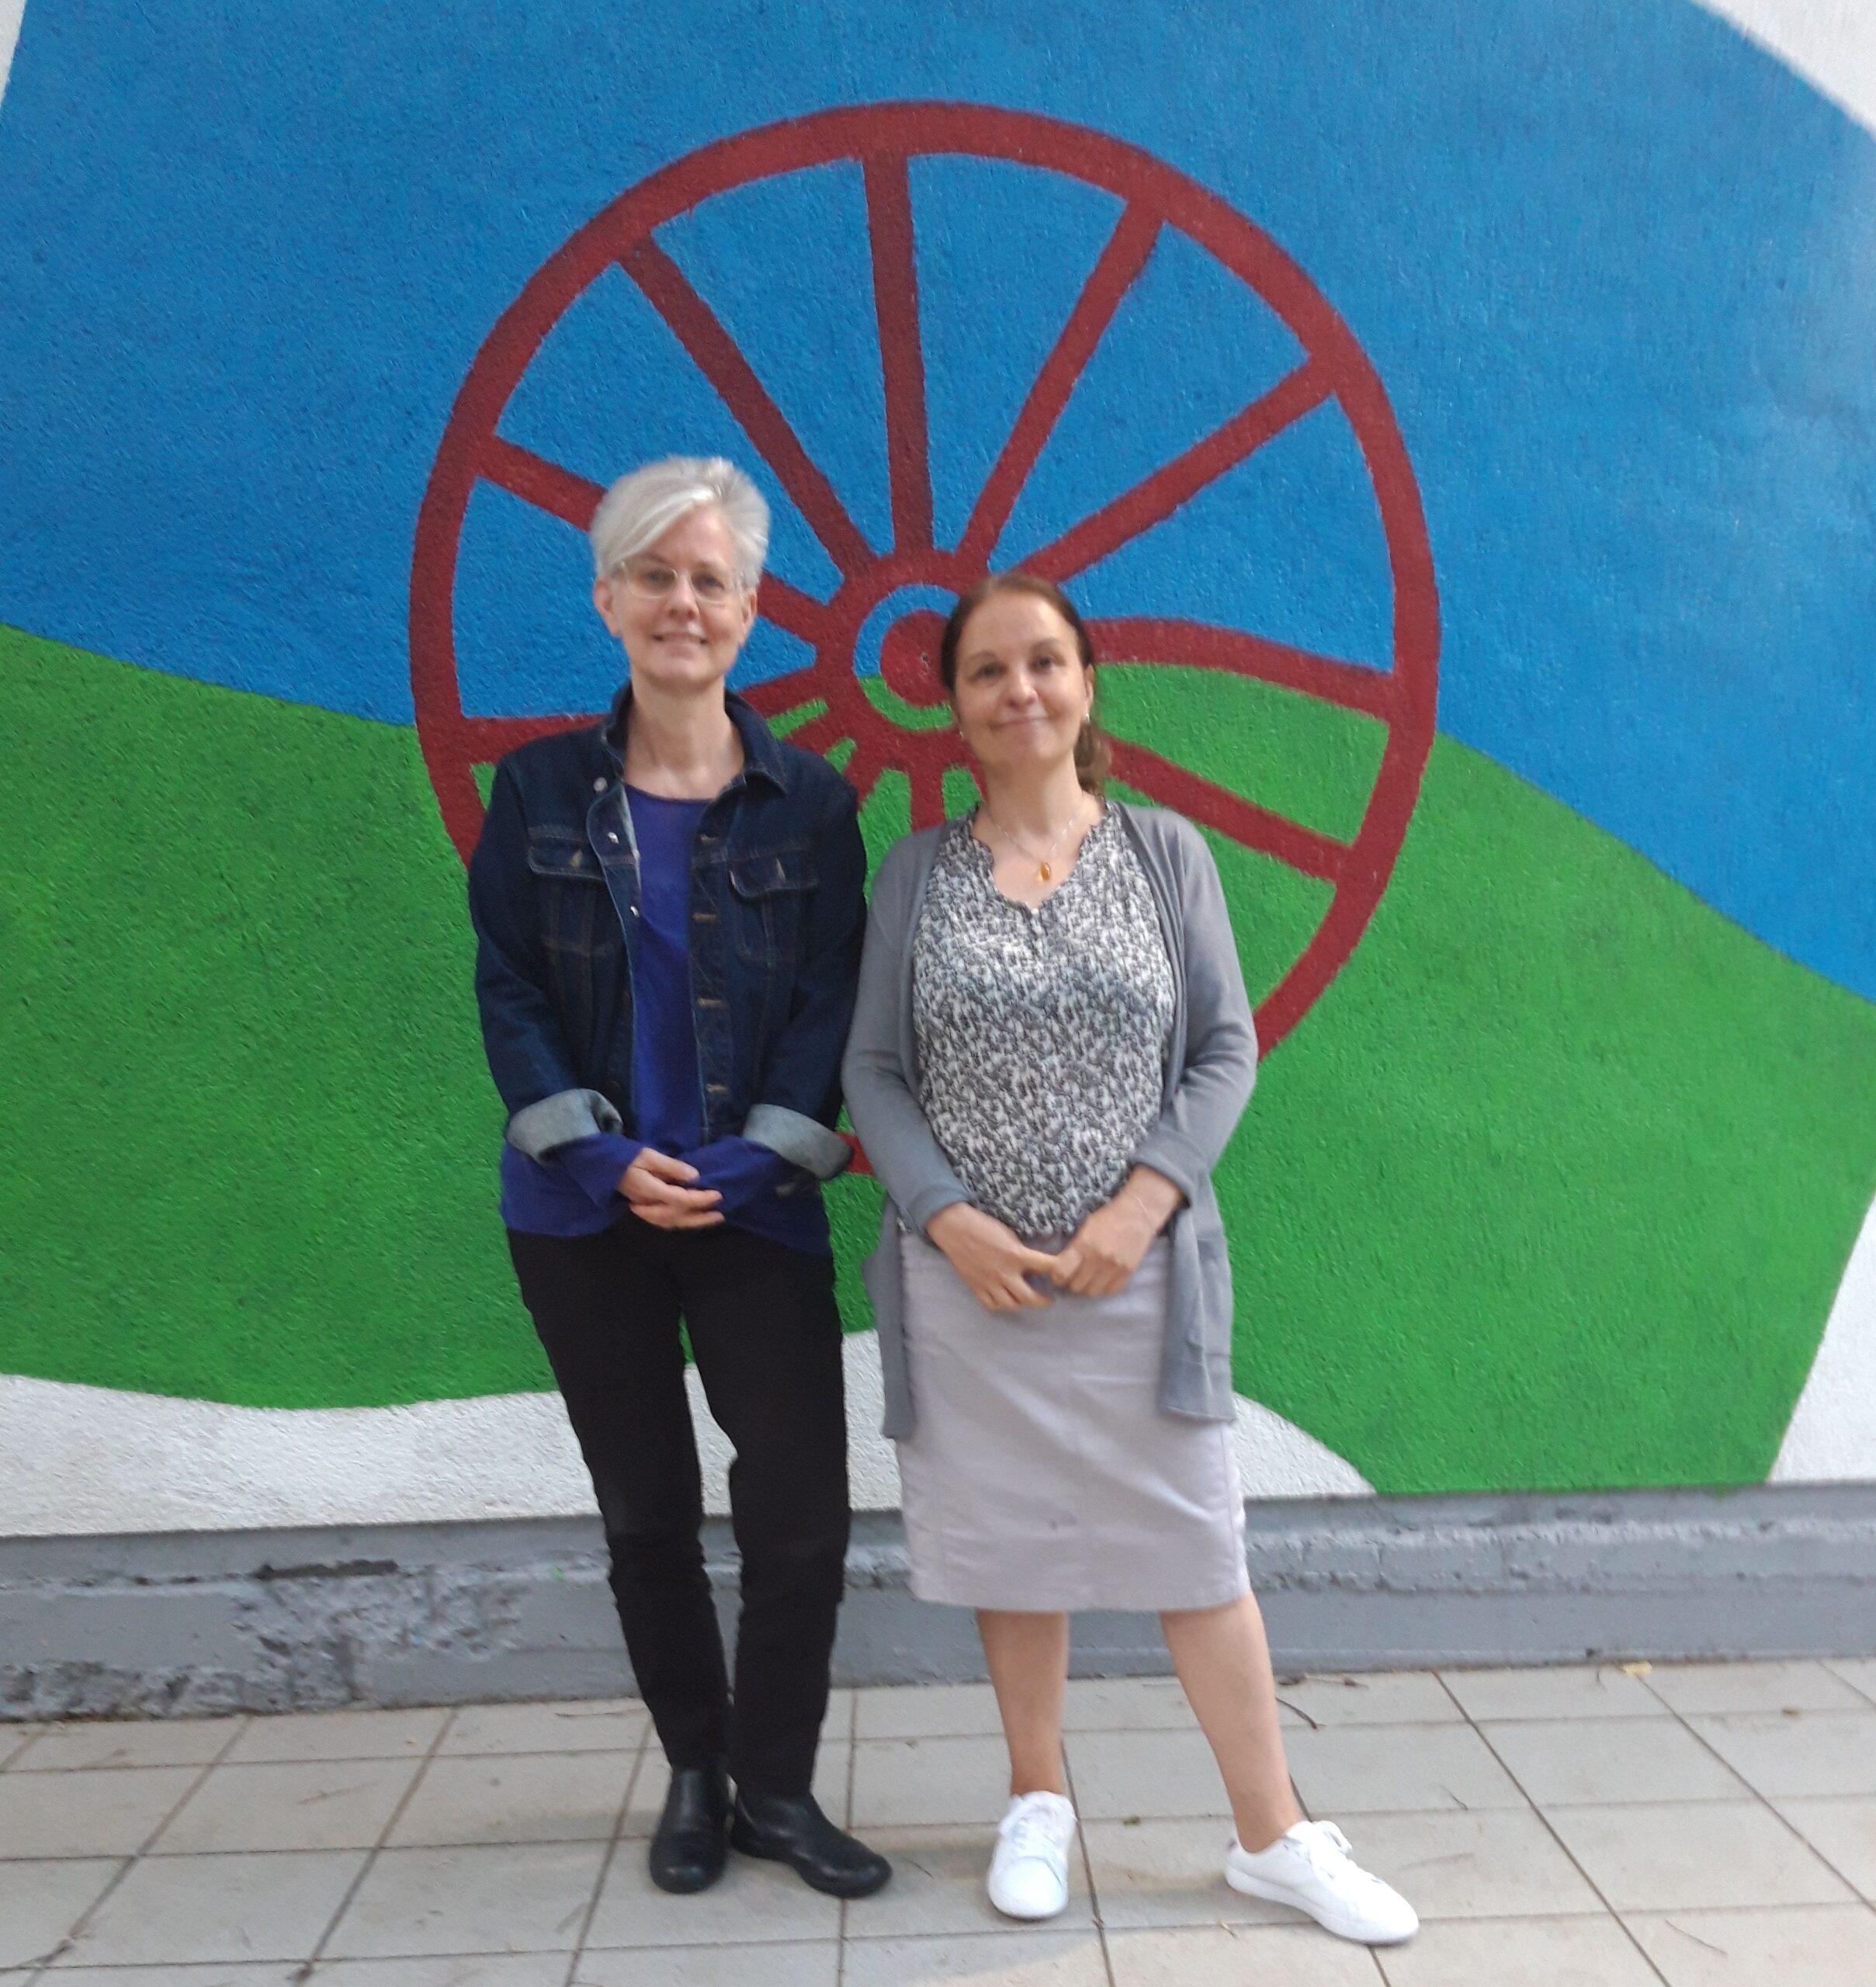 Die neu gewählten Sprecherinnen des Rom e.V. (v.l. Simone Treis, Beata Burakowska) © Rom e.V.